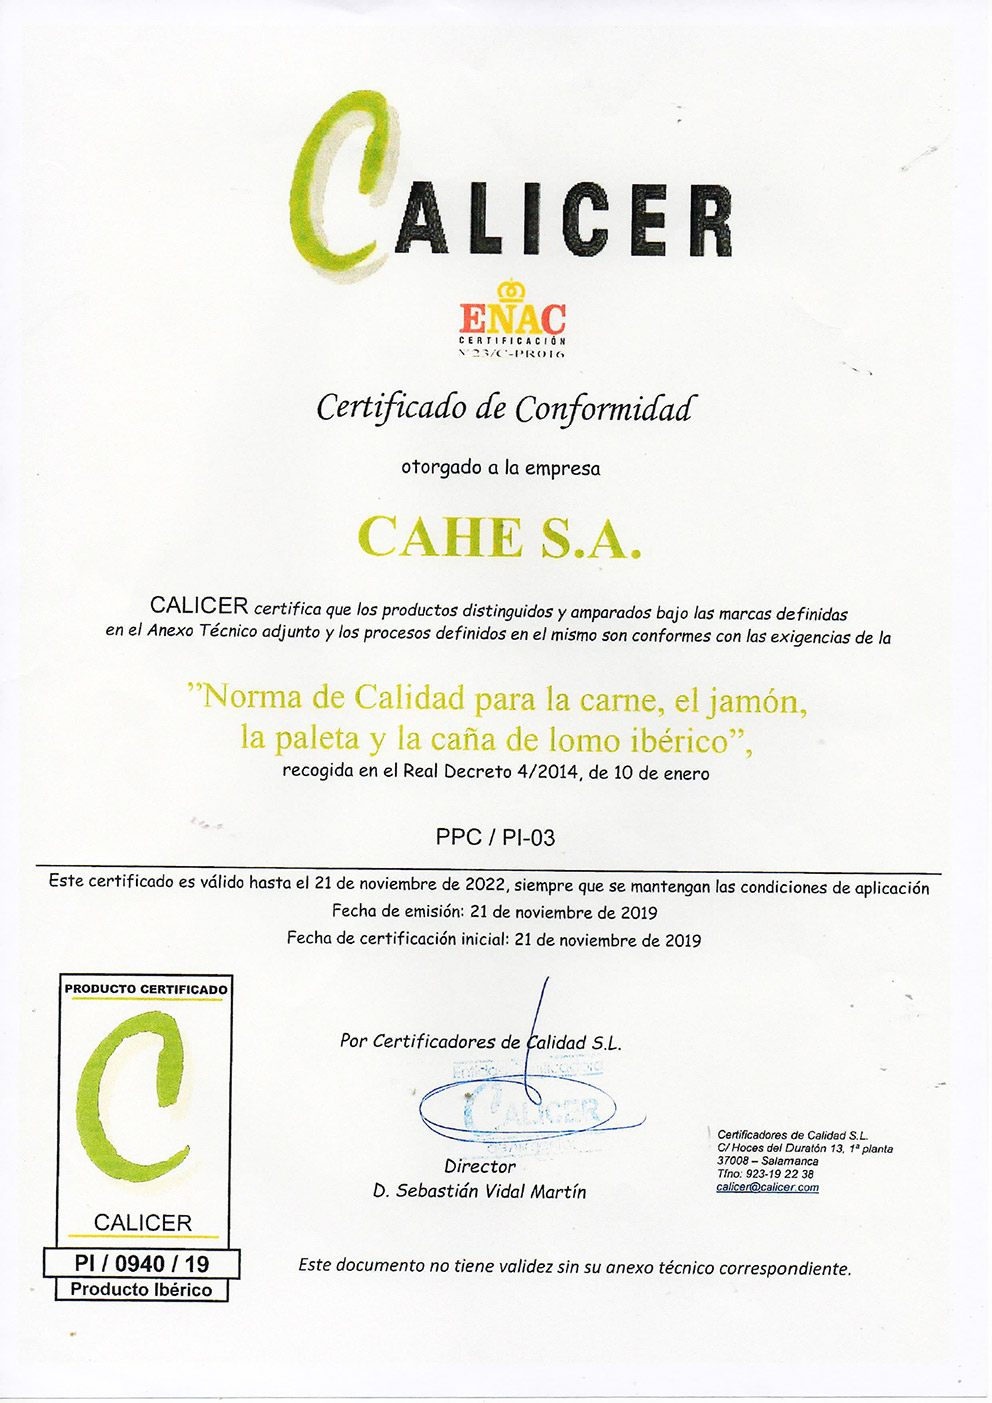 Certificado de conformidad con las exigencias de la Norma de Calidad para la carne, el jamón, la paleta y la caña de lomo ibérico otorgado a CAHESA